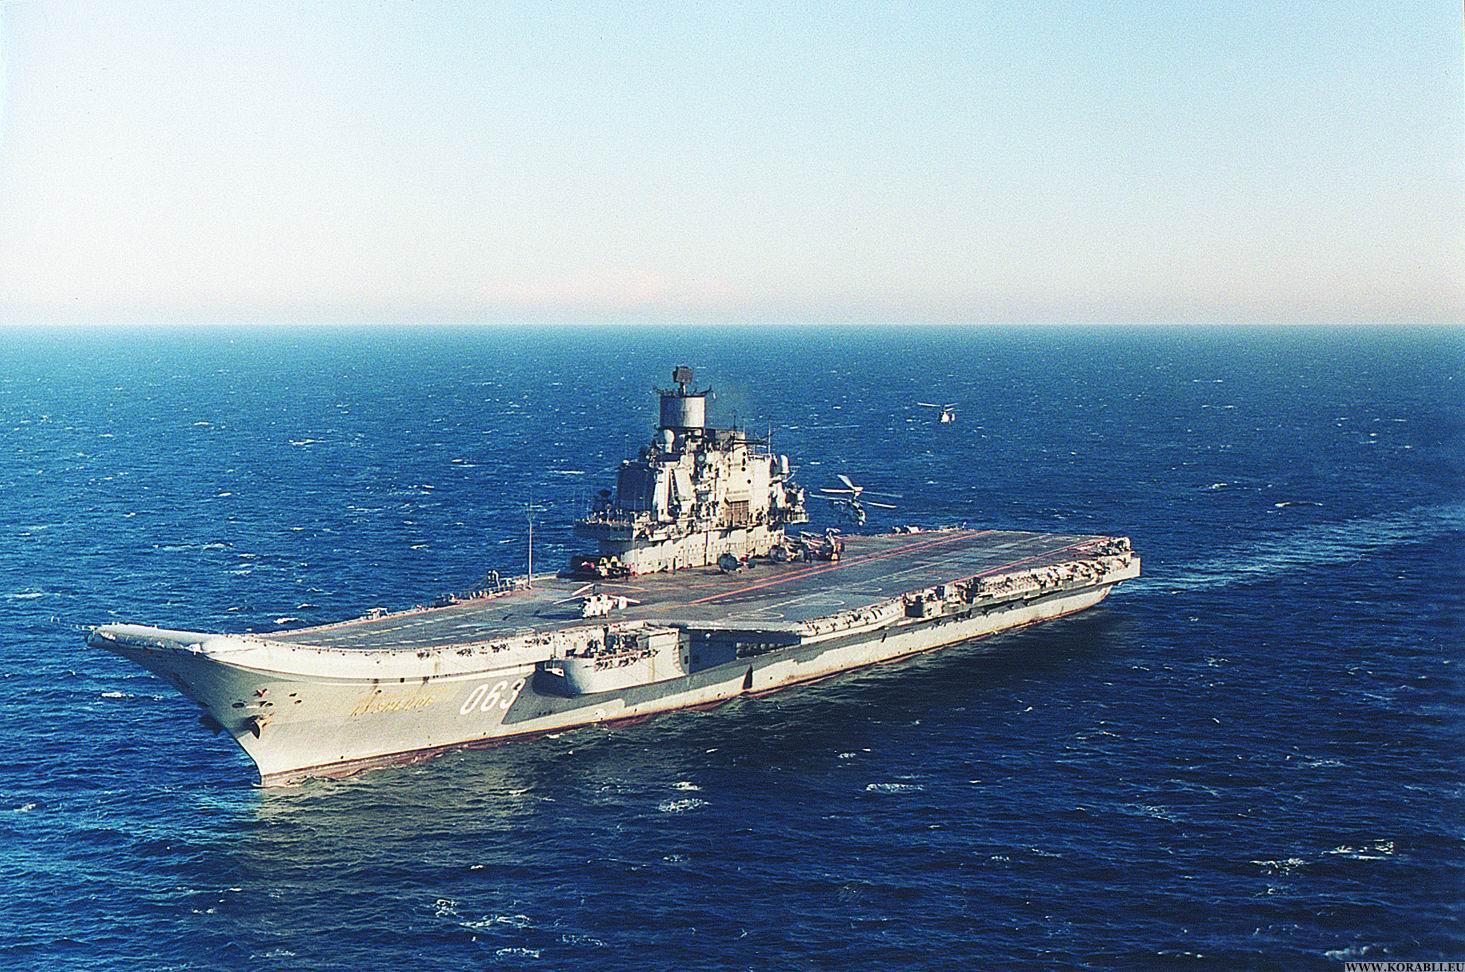 проживающие российский авианосец адмирал кузнецов фото красивый рисунок барби